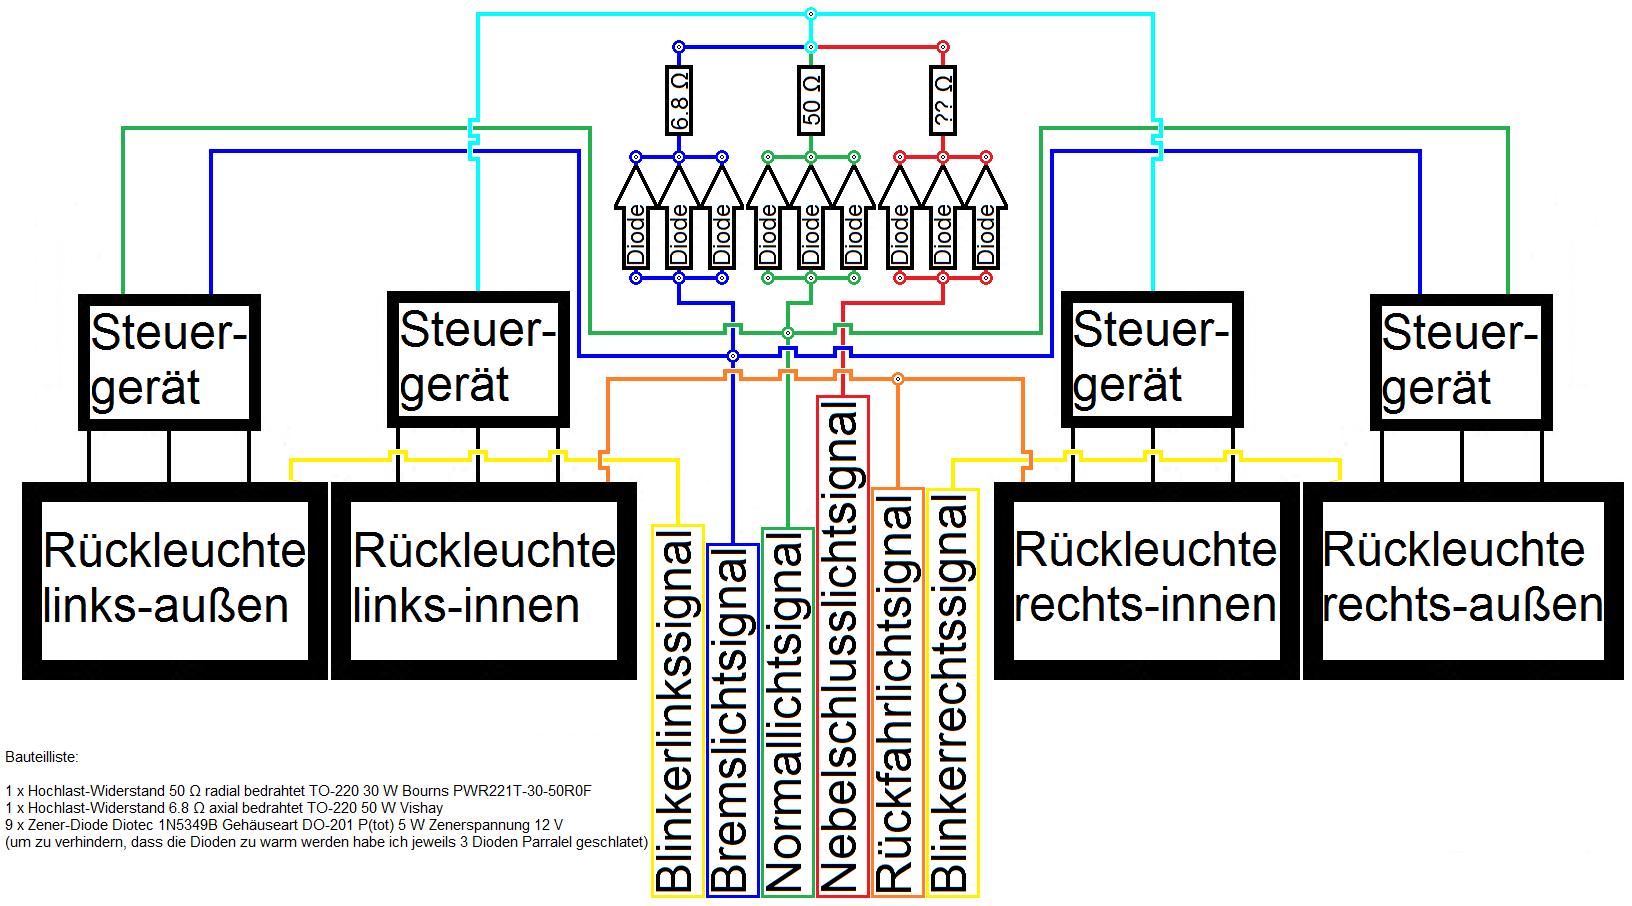 Großartig Schaltplan Für Rückleuchten Bilder - Die Besten ...